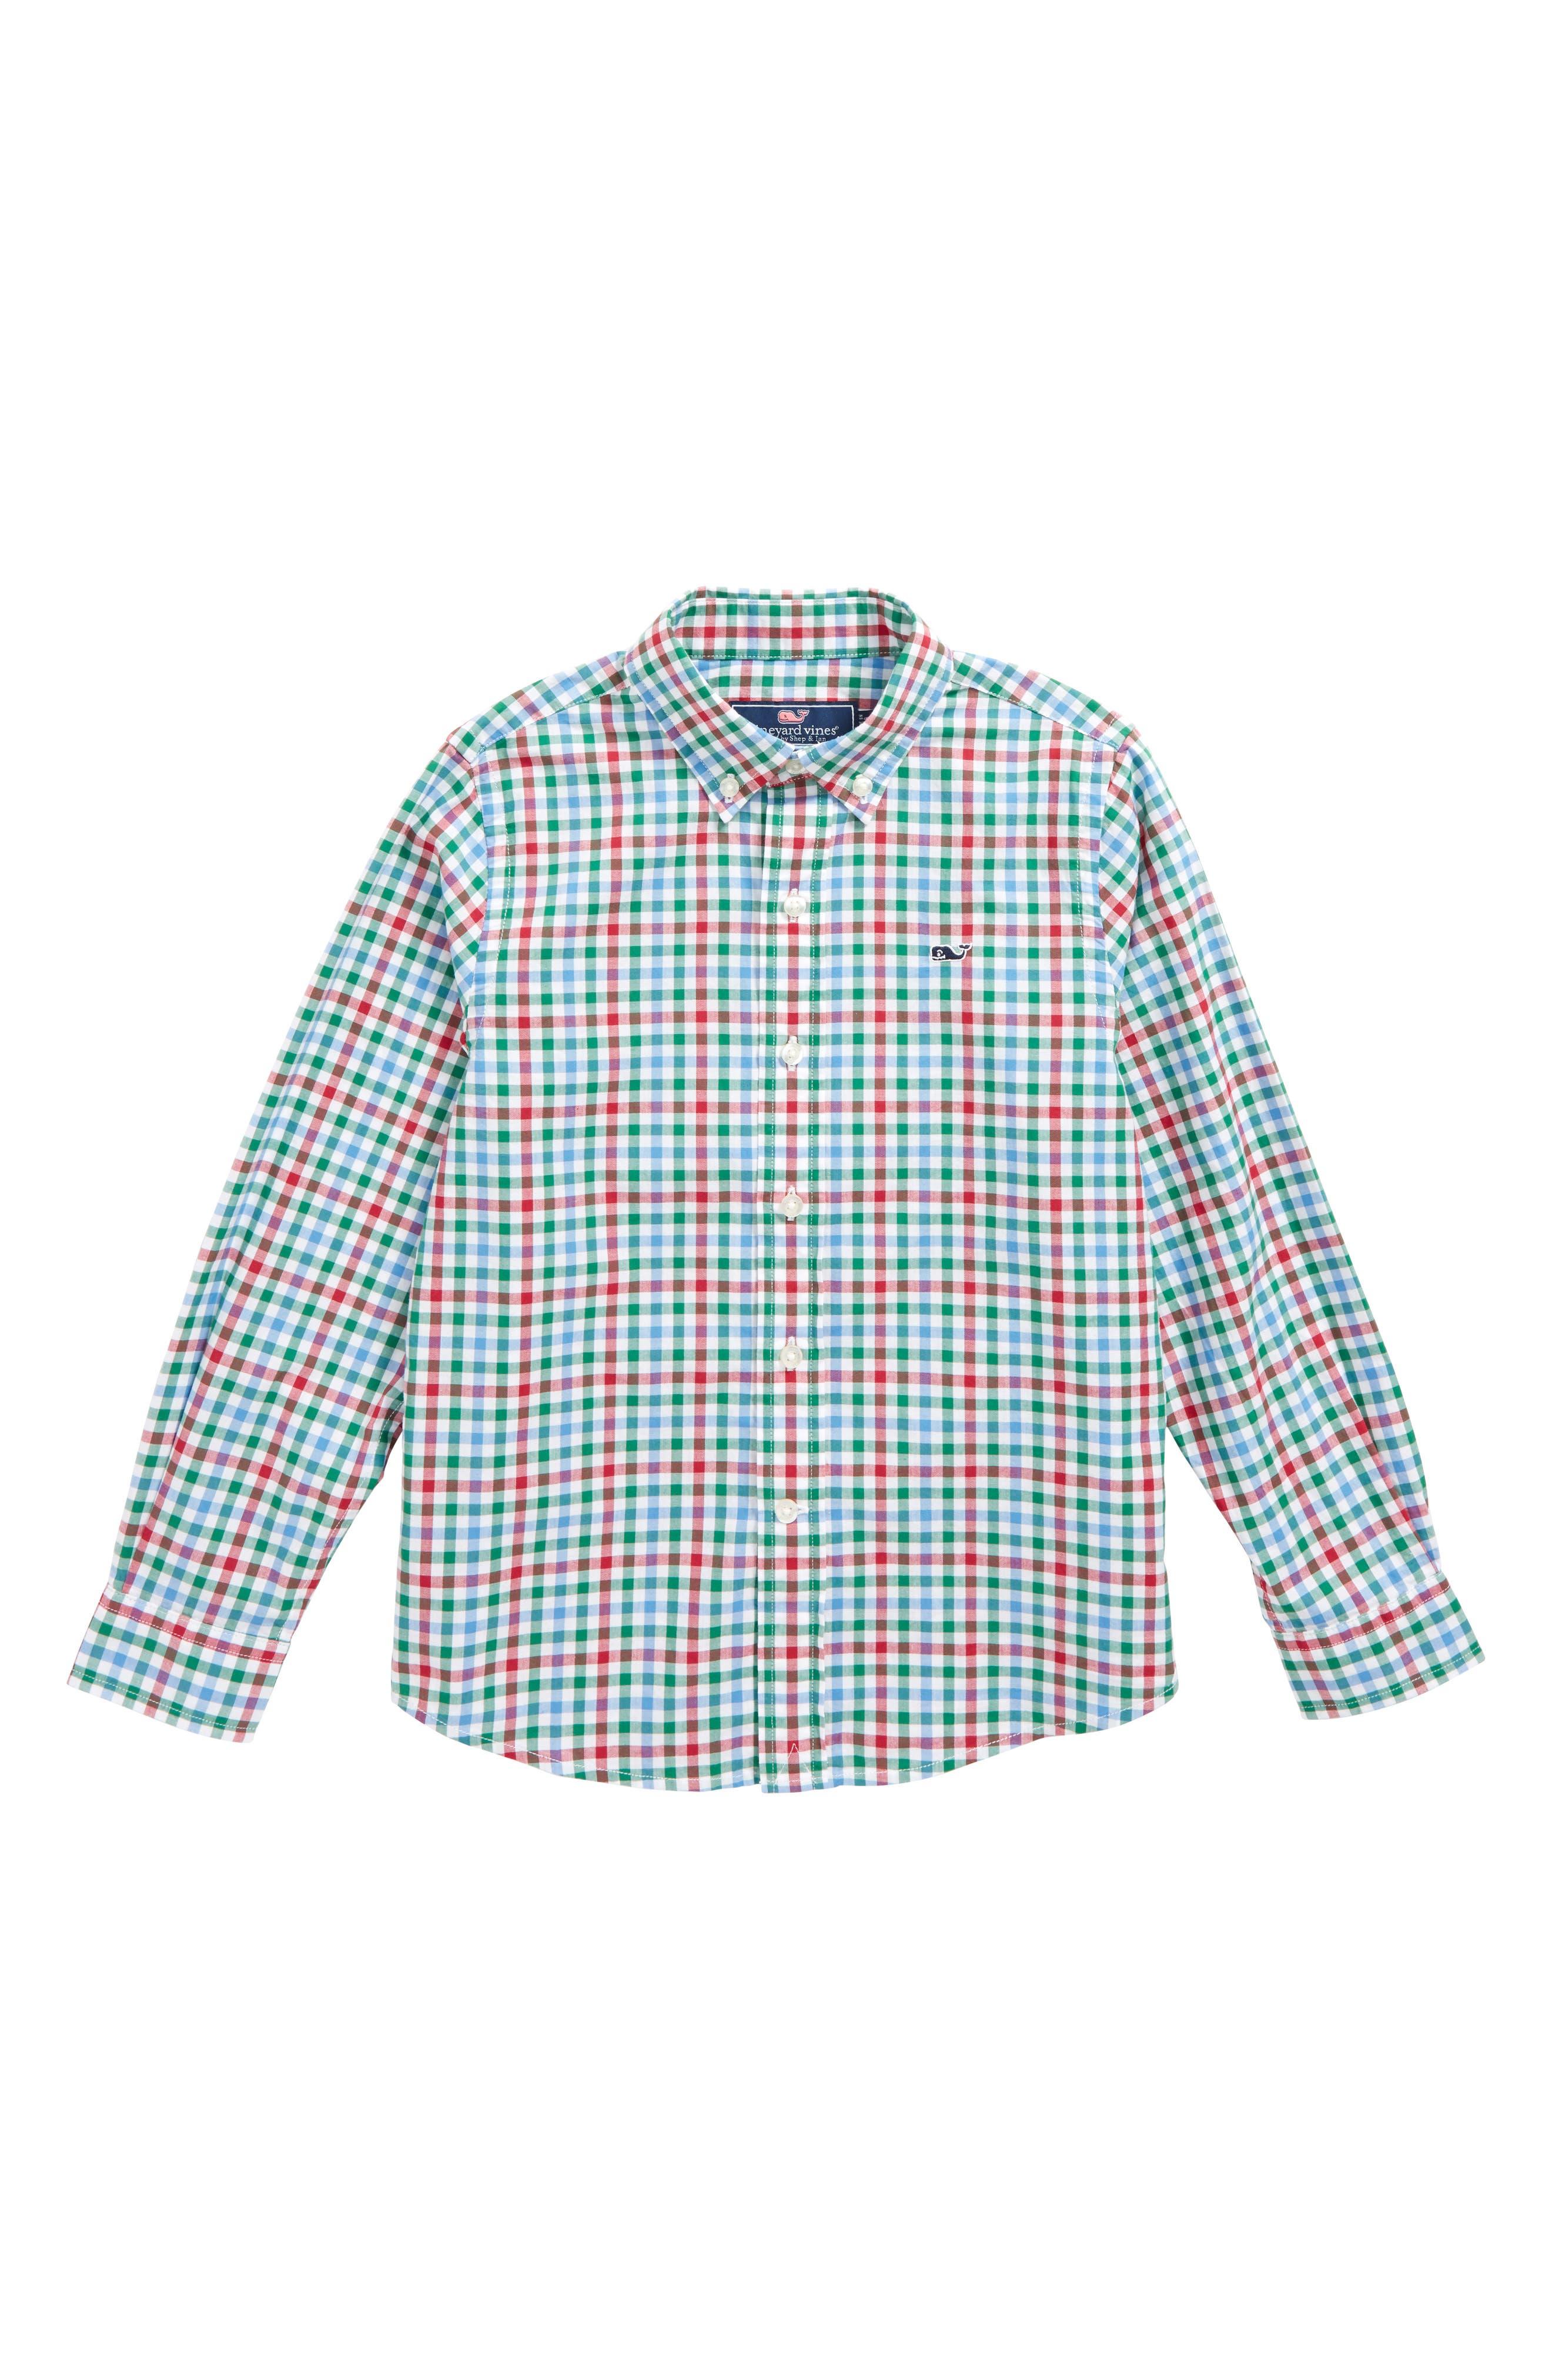 Higgins Beach Gingham Whale Shirt,                         Main,                         color,